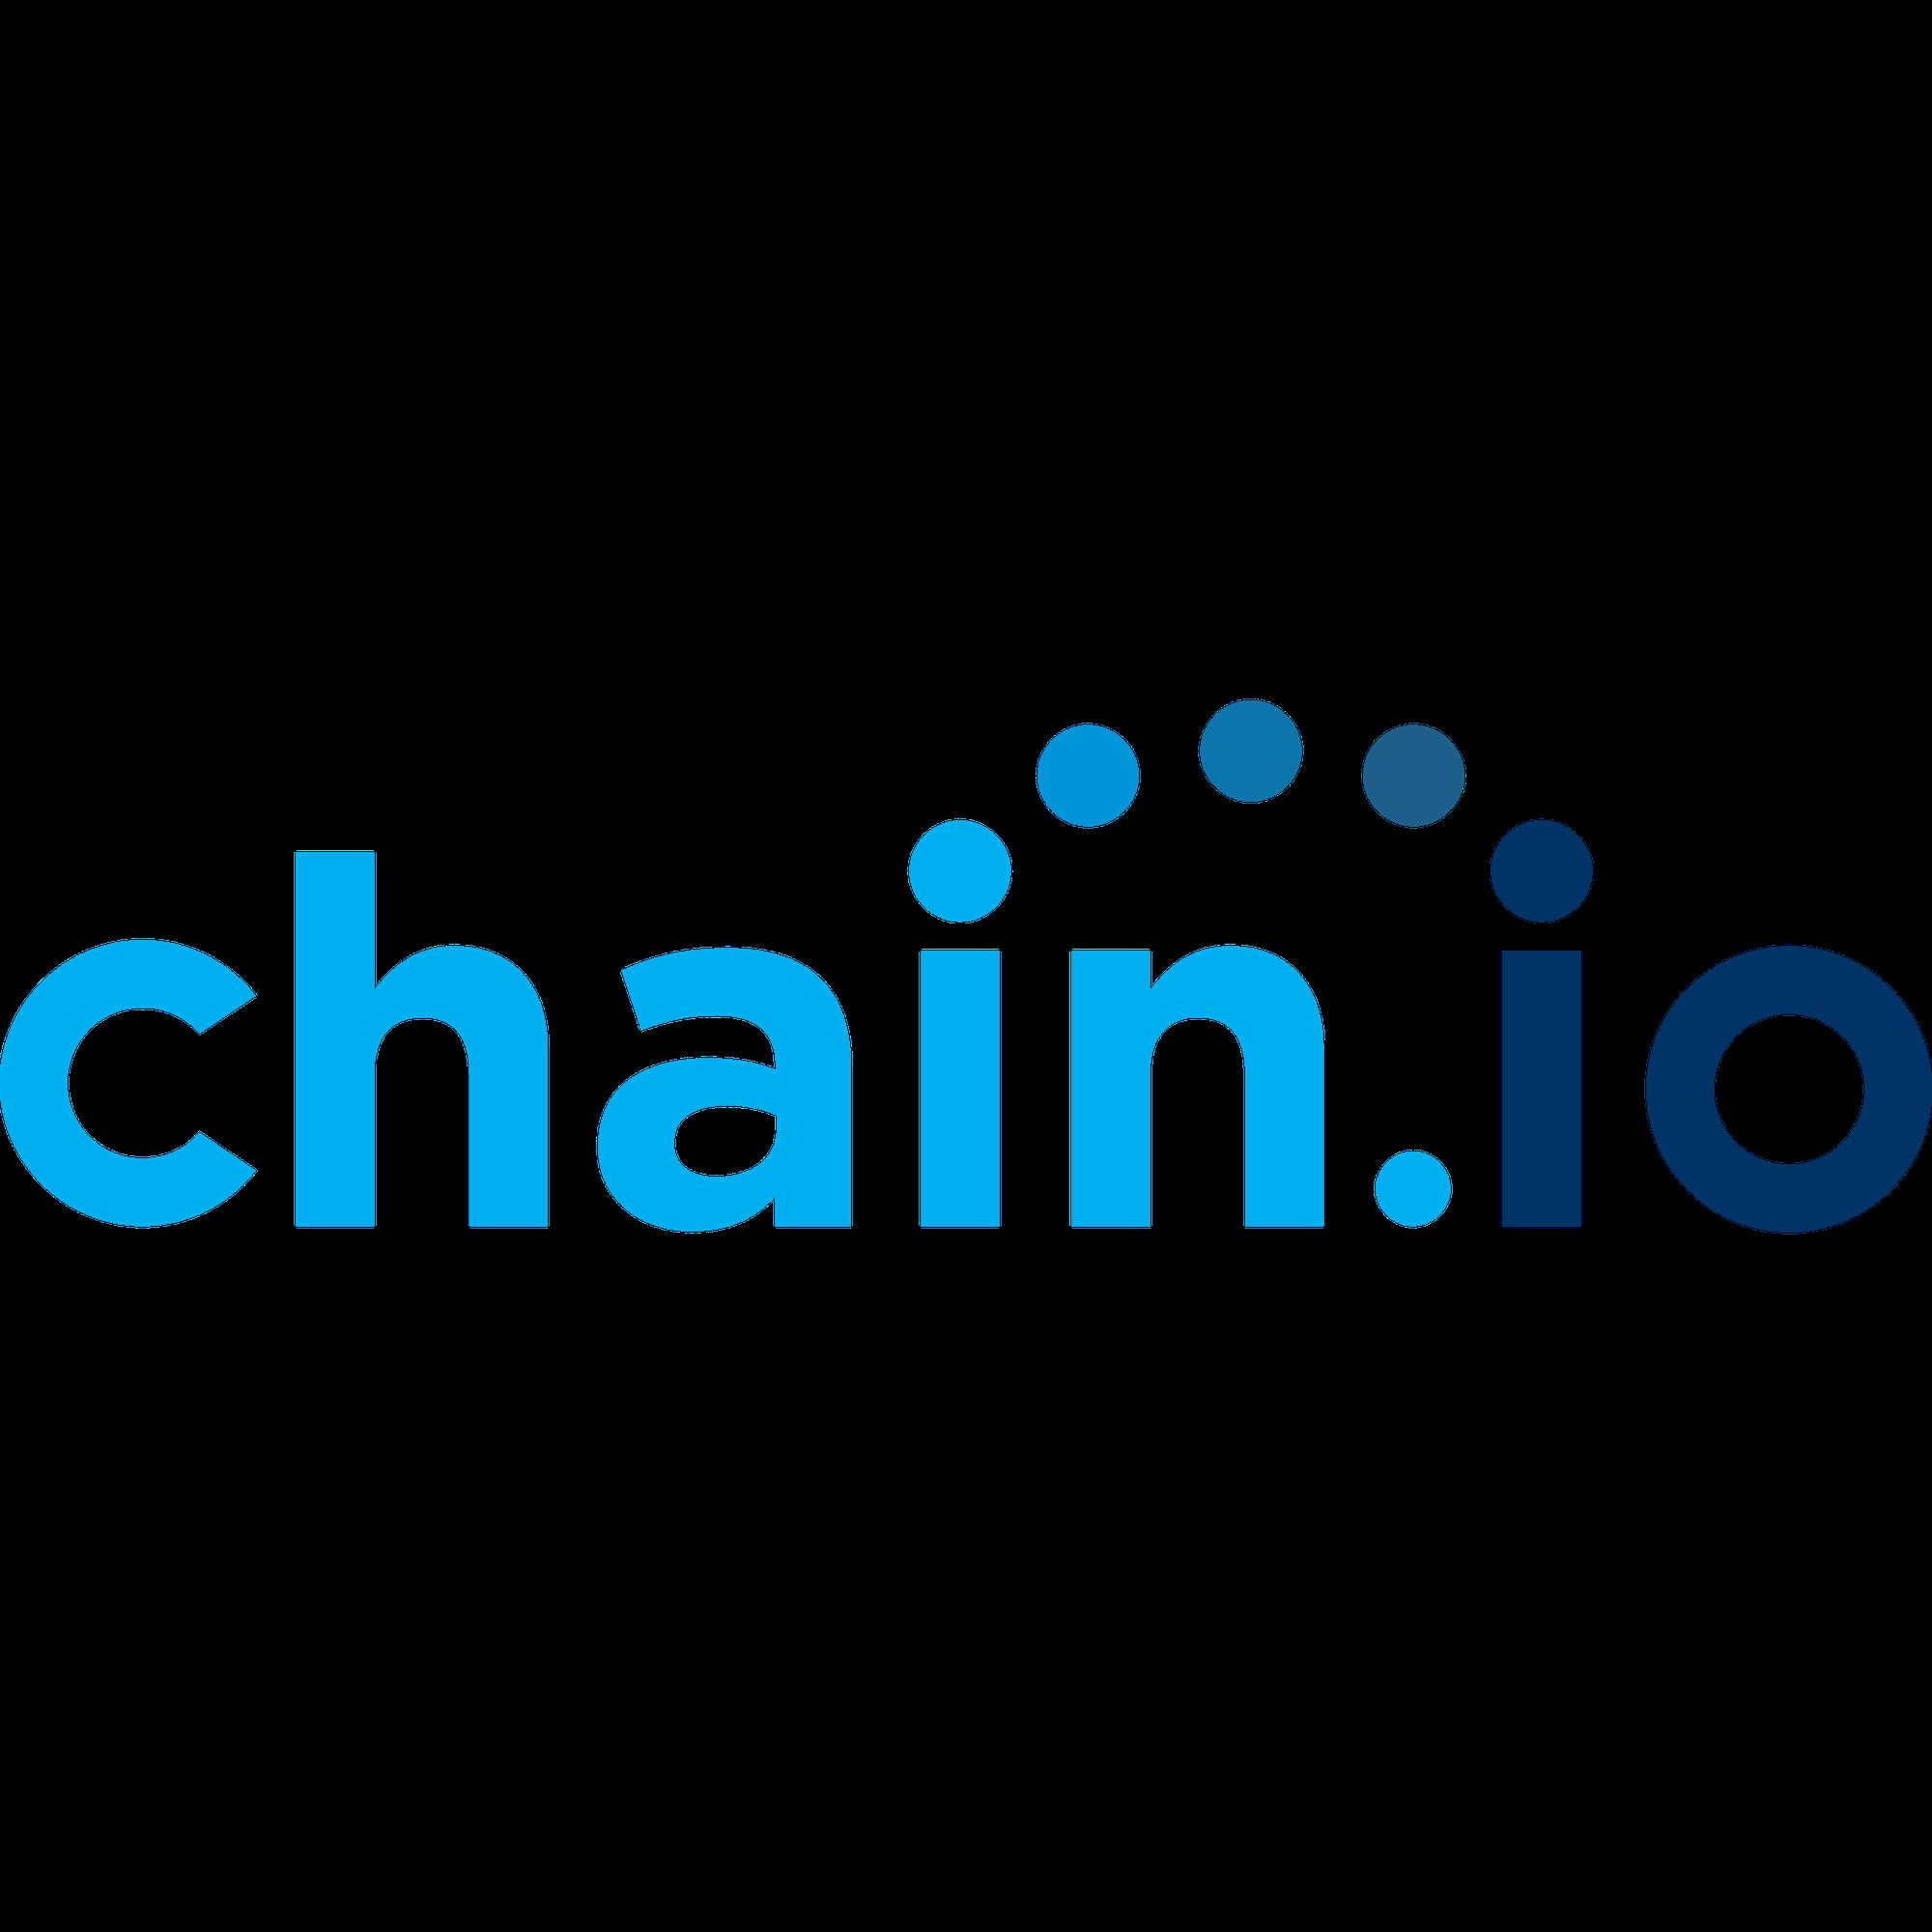 Chain.io logo